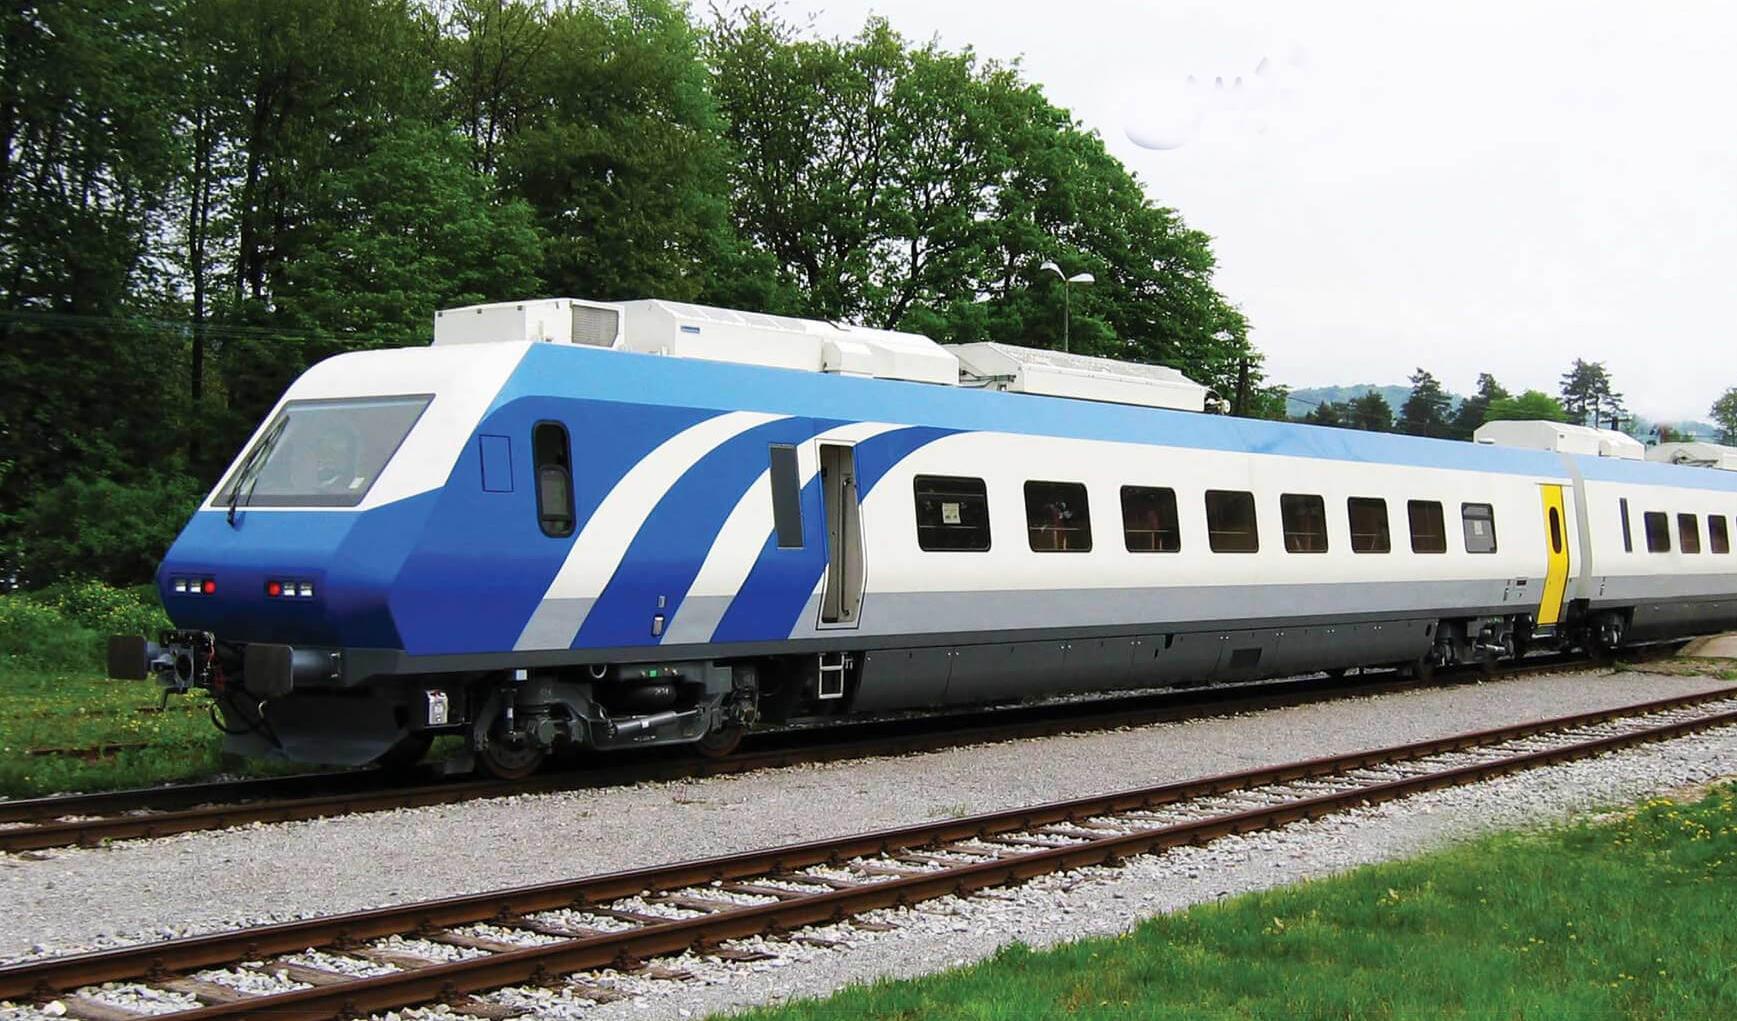 جزییات لغو بلیط قطارهای مسافری اعلام شد / هزینهای کسر نمیشود